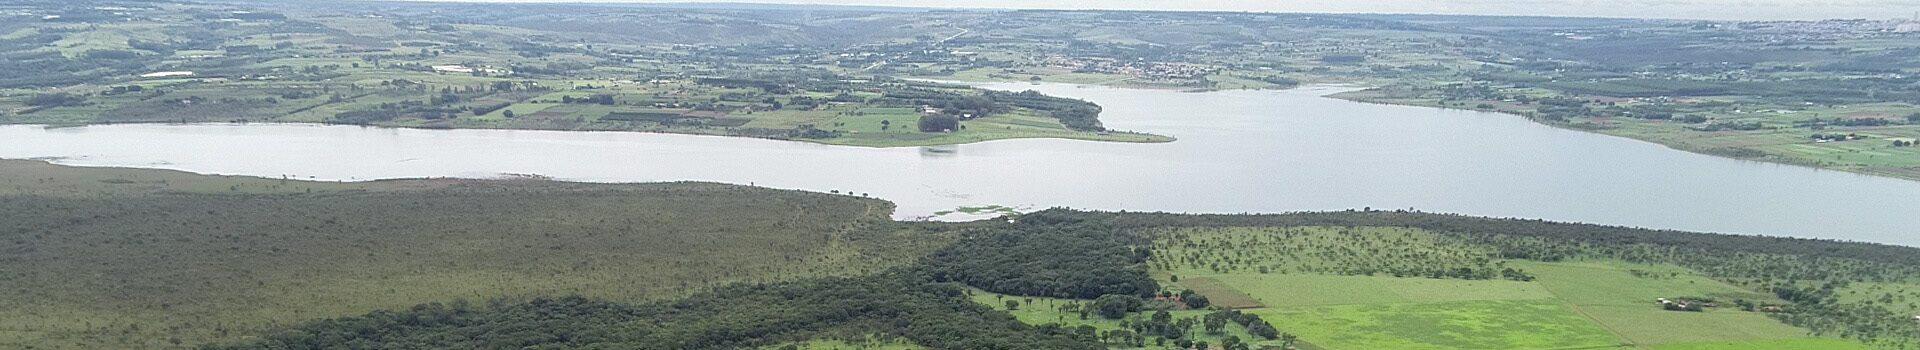 Imagem da barragem de Águas Lindas